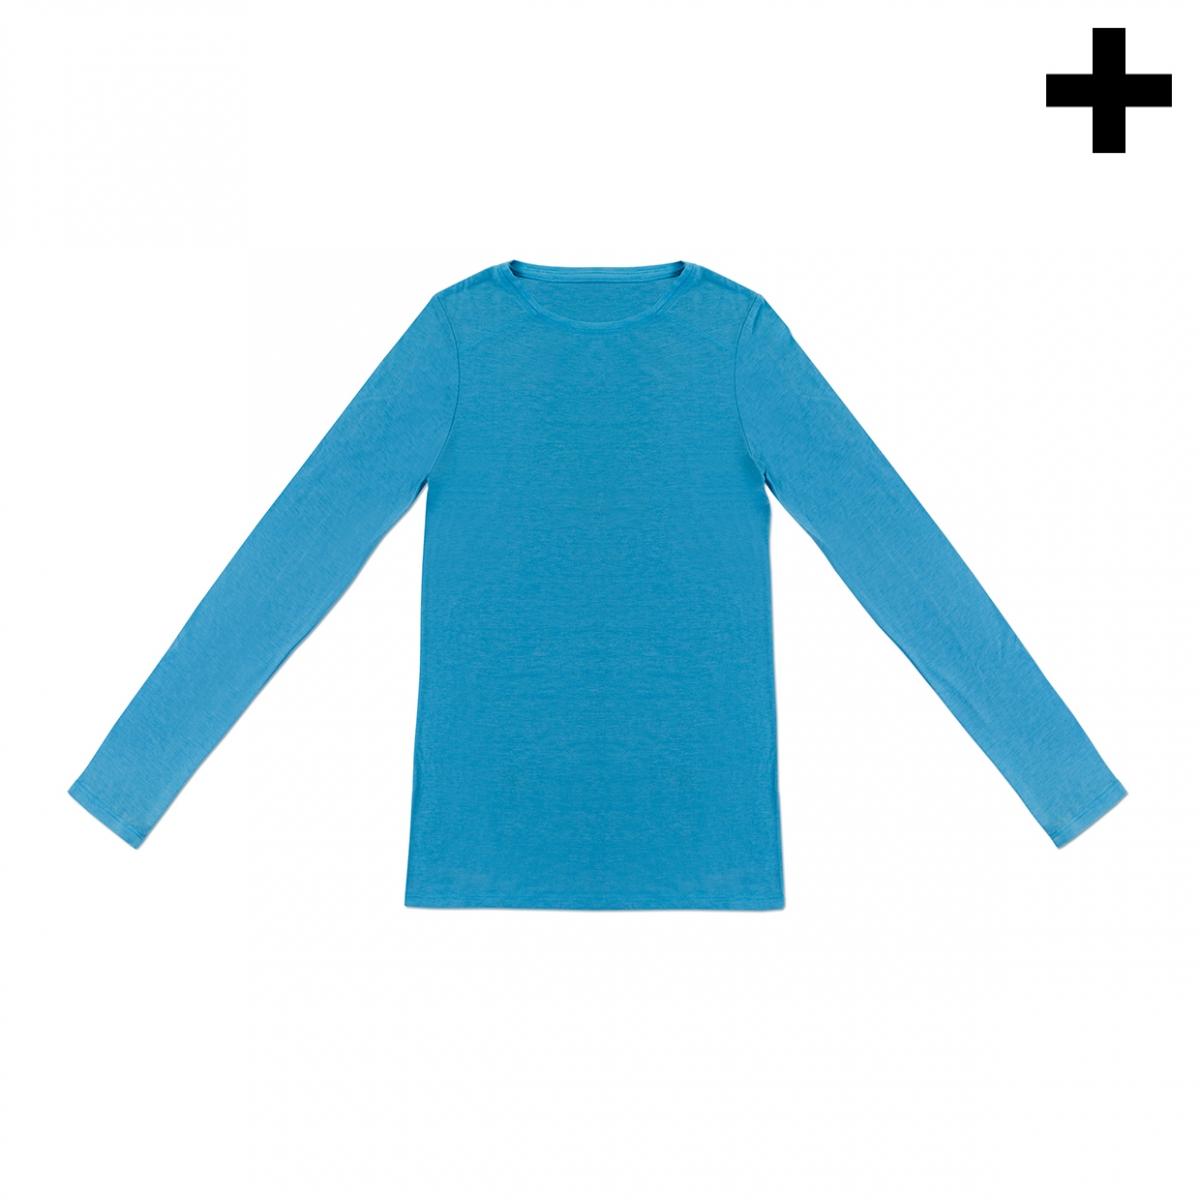 Imagen en la que se ve el plural del concepto camiseta de manga larga